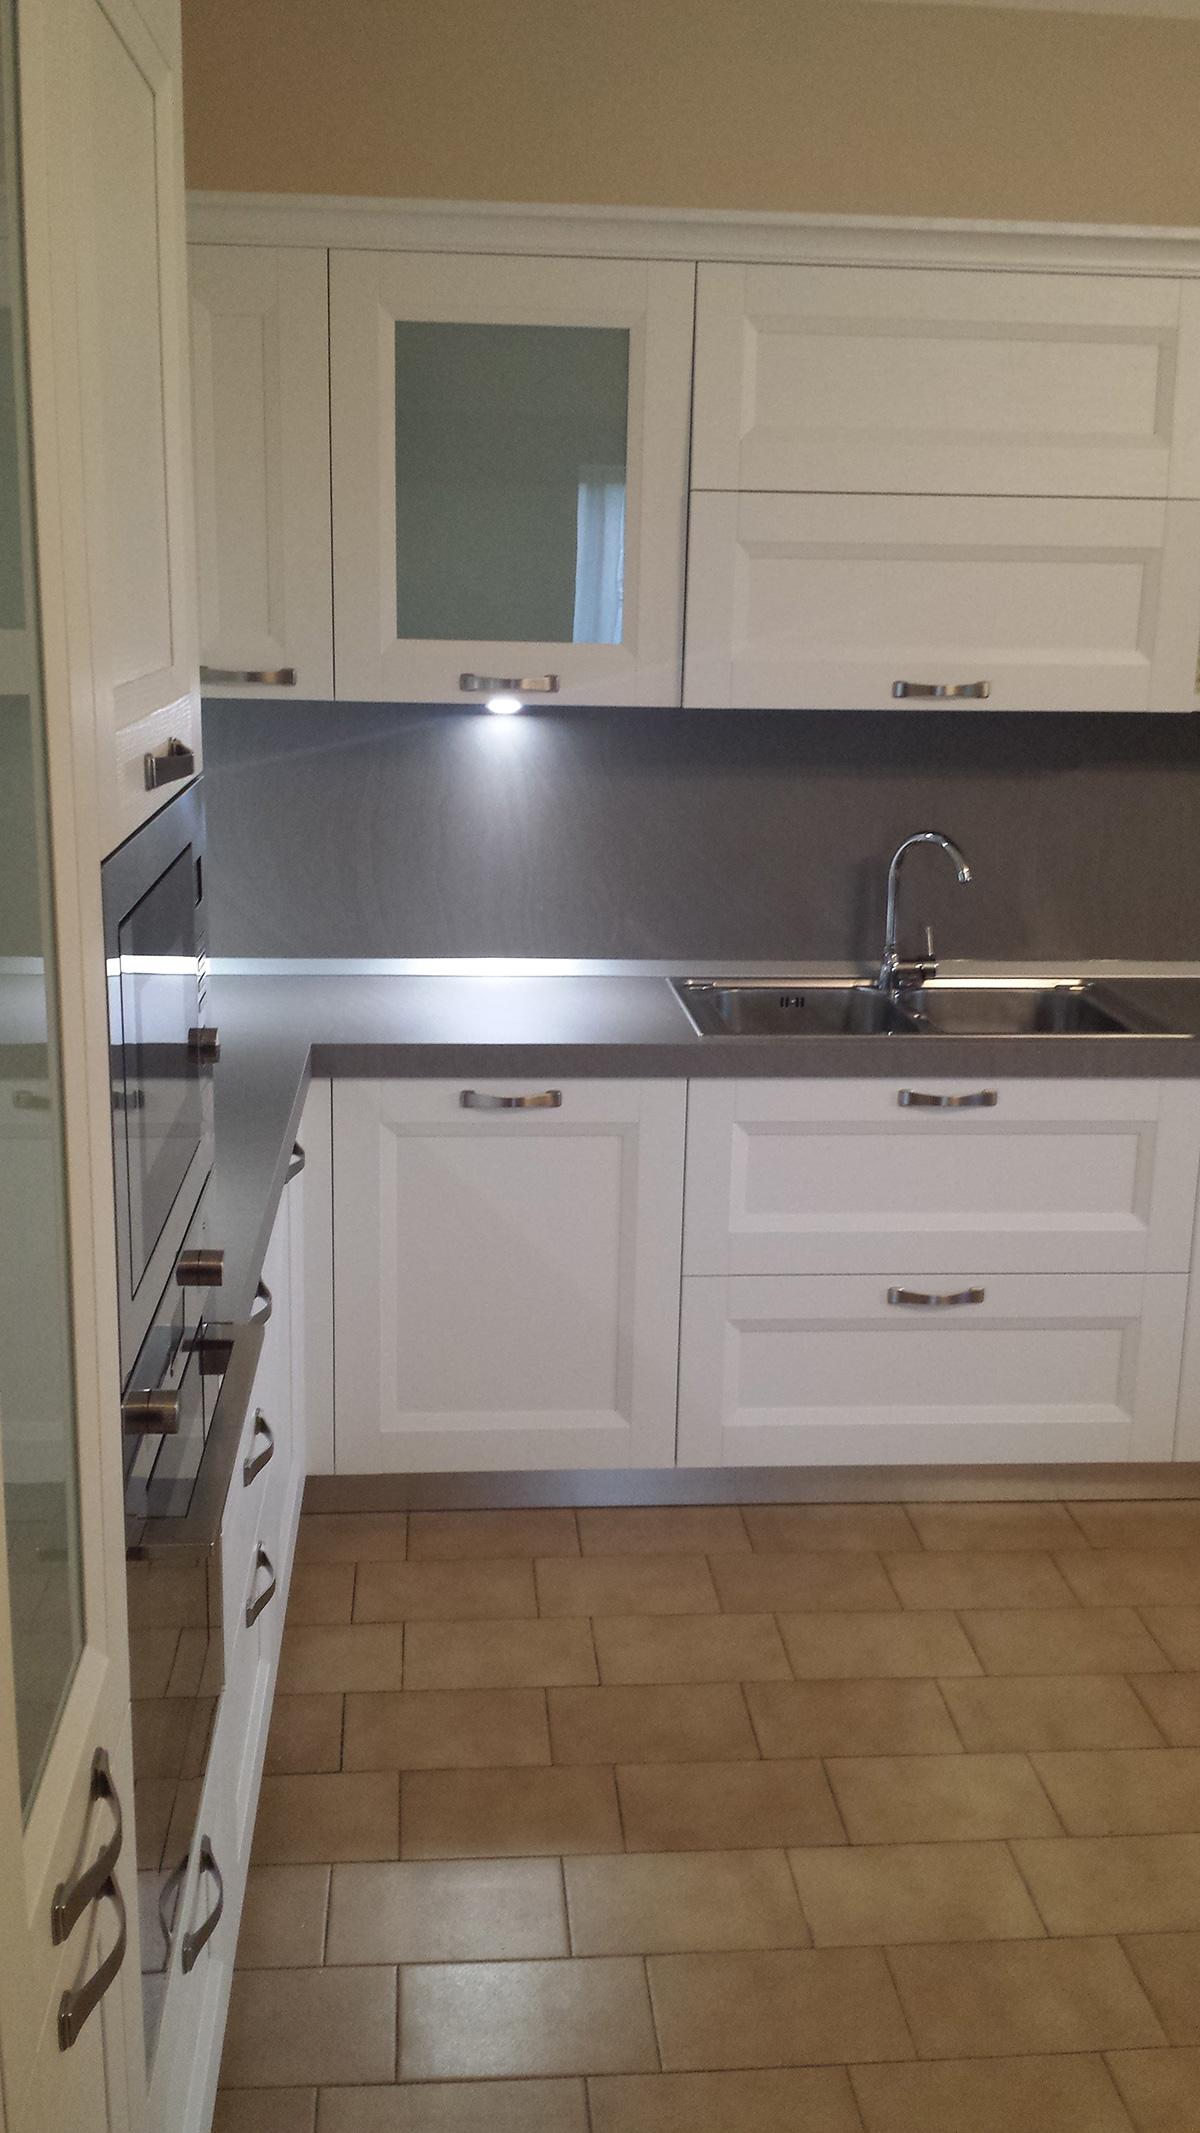 Abitazione privata a Pederiva di Montebelluna: Cucina bianca ...